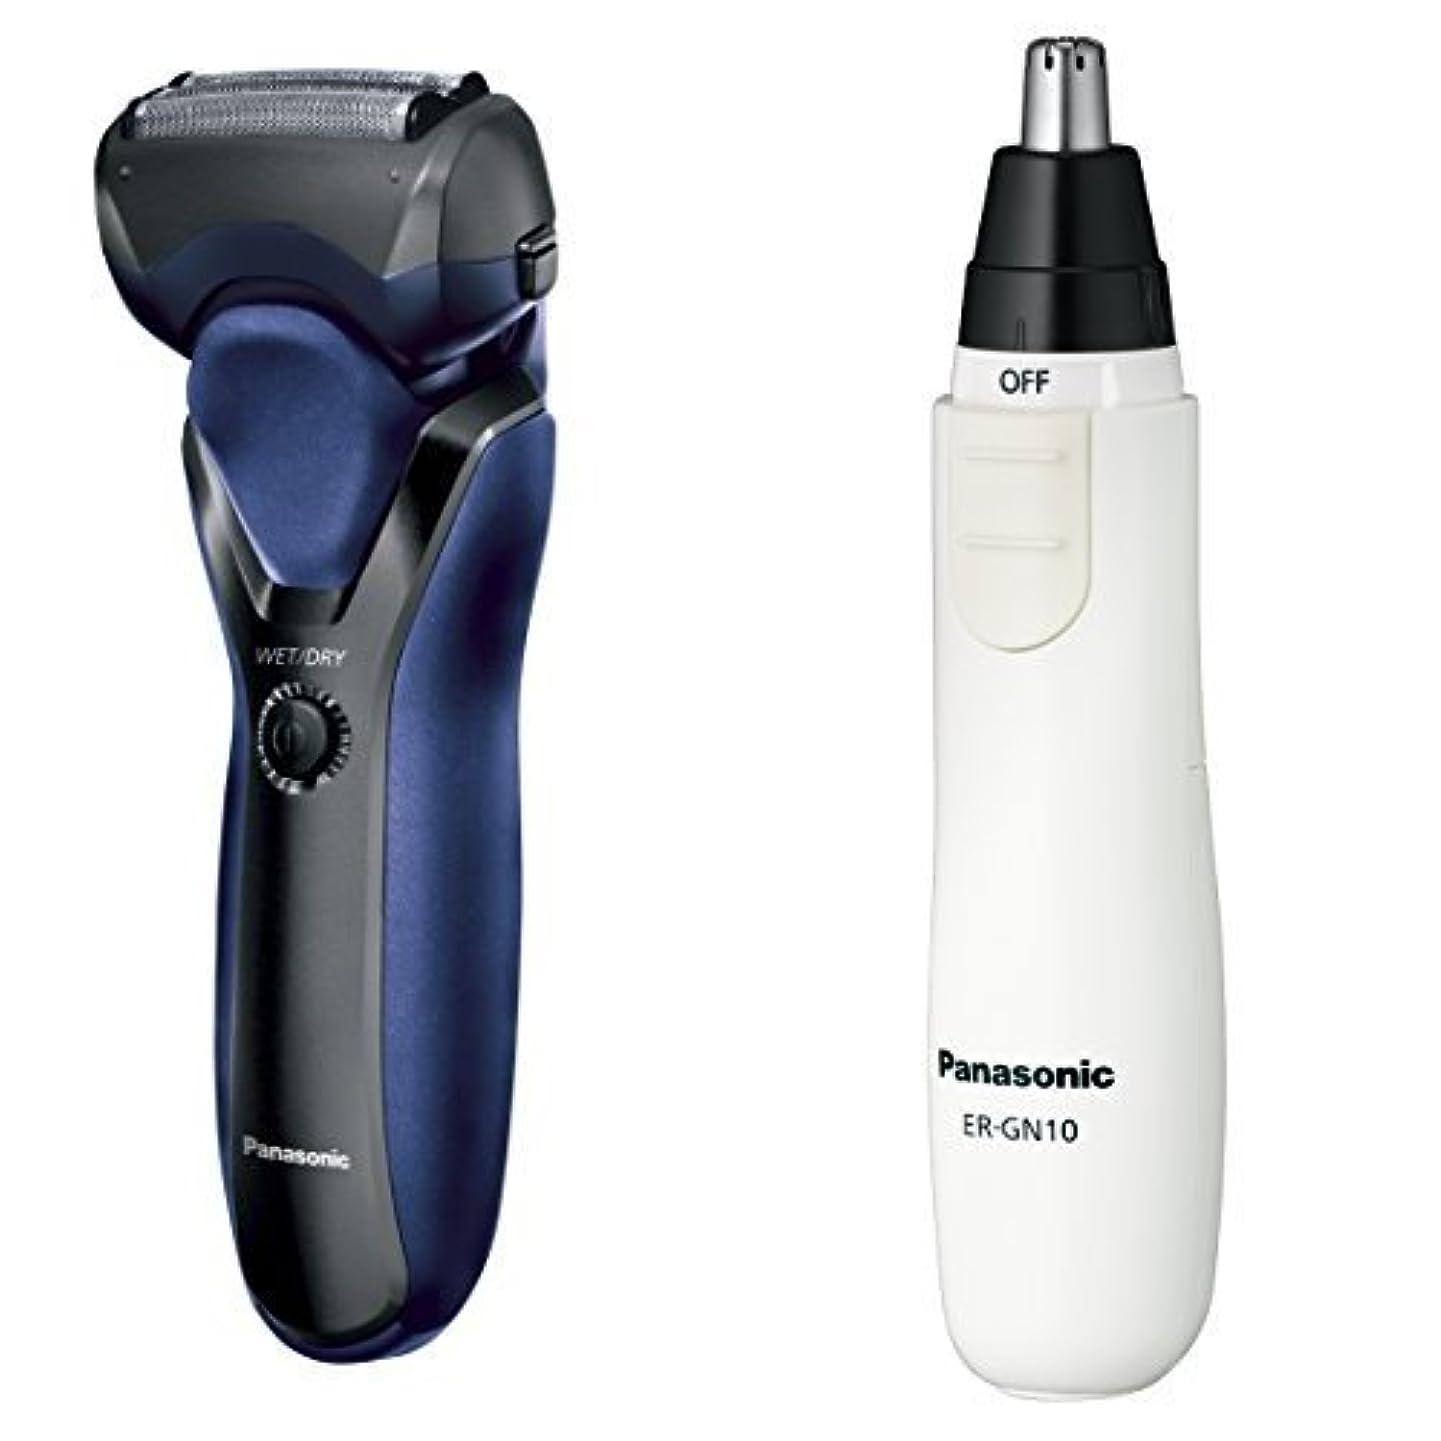 決定するモードリン軽量パナソニック メンズシェーバー 3枚刃 お風呂剃り可 黒 ES-RT17-K + エチケットカッター 白 ER-GN10-W セット